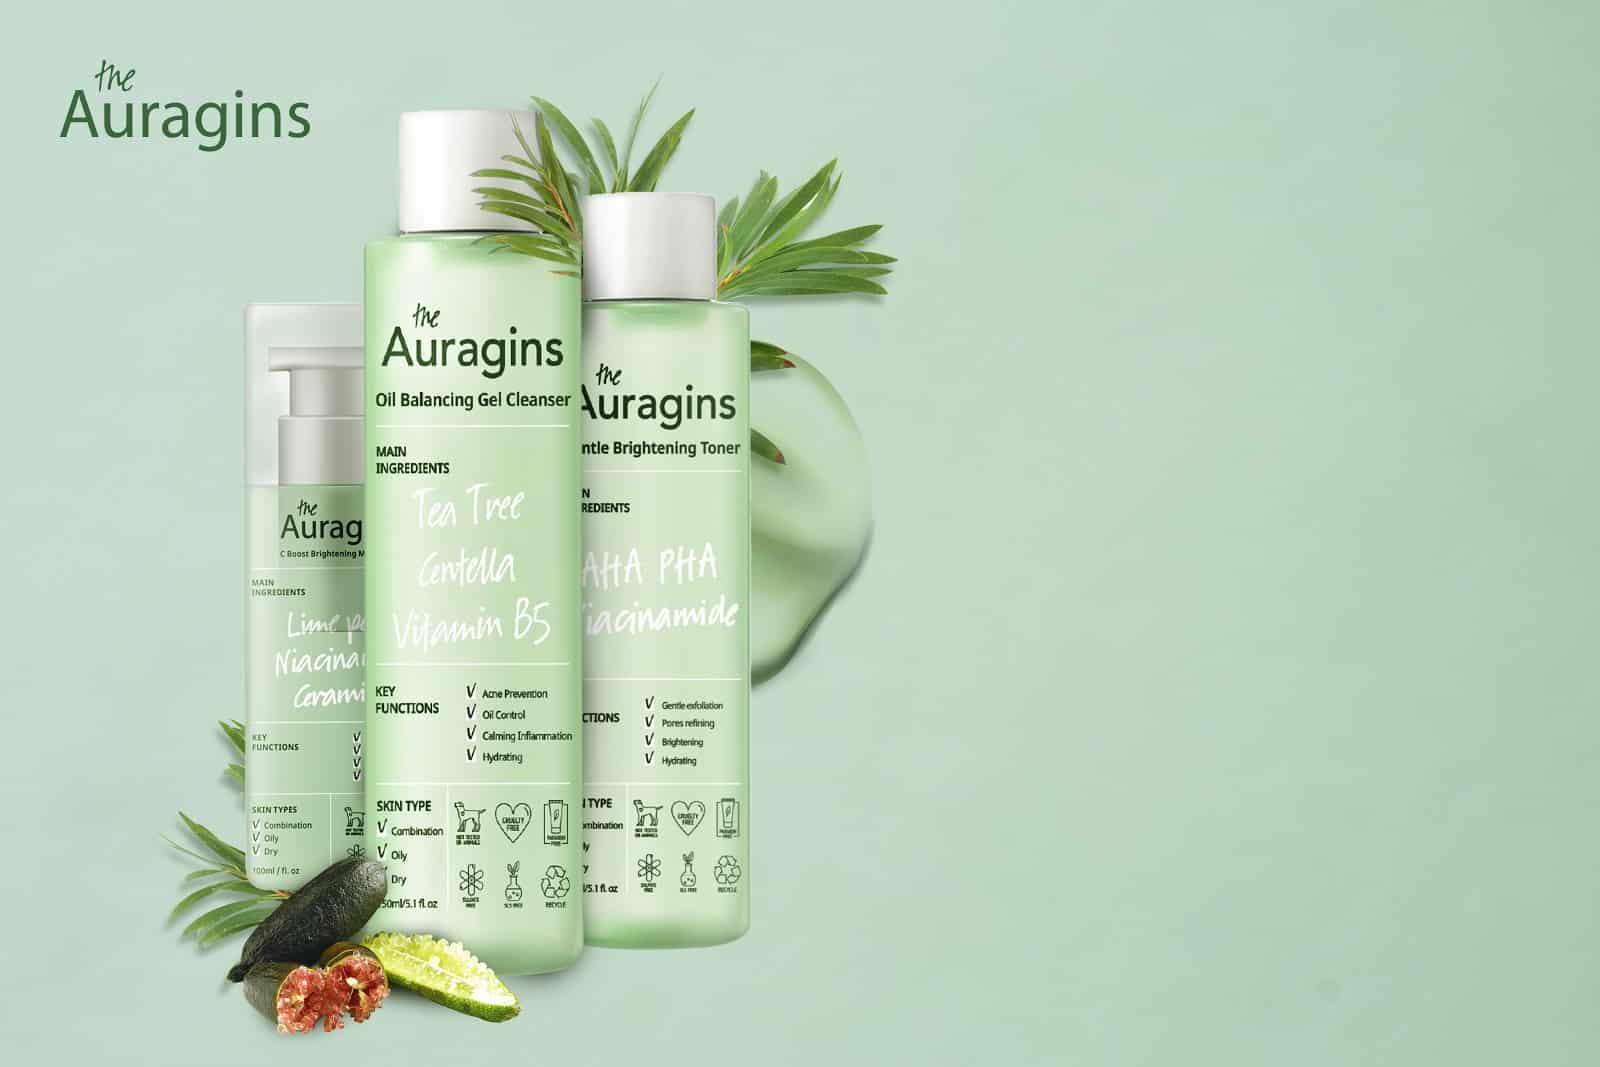 Giới thiệu về thương hiệu mỹ phẩm The Auragins